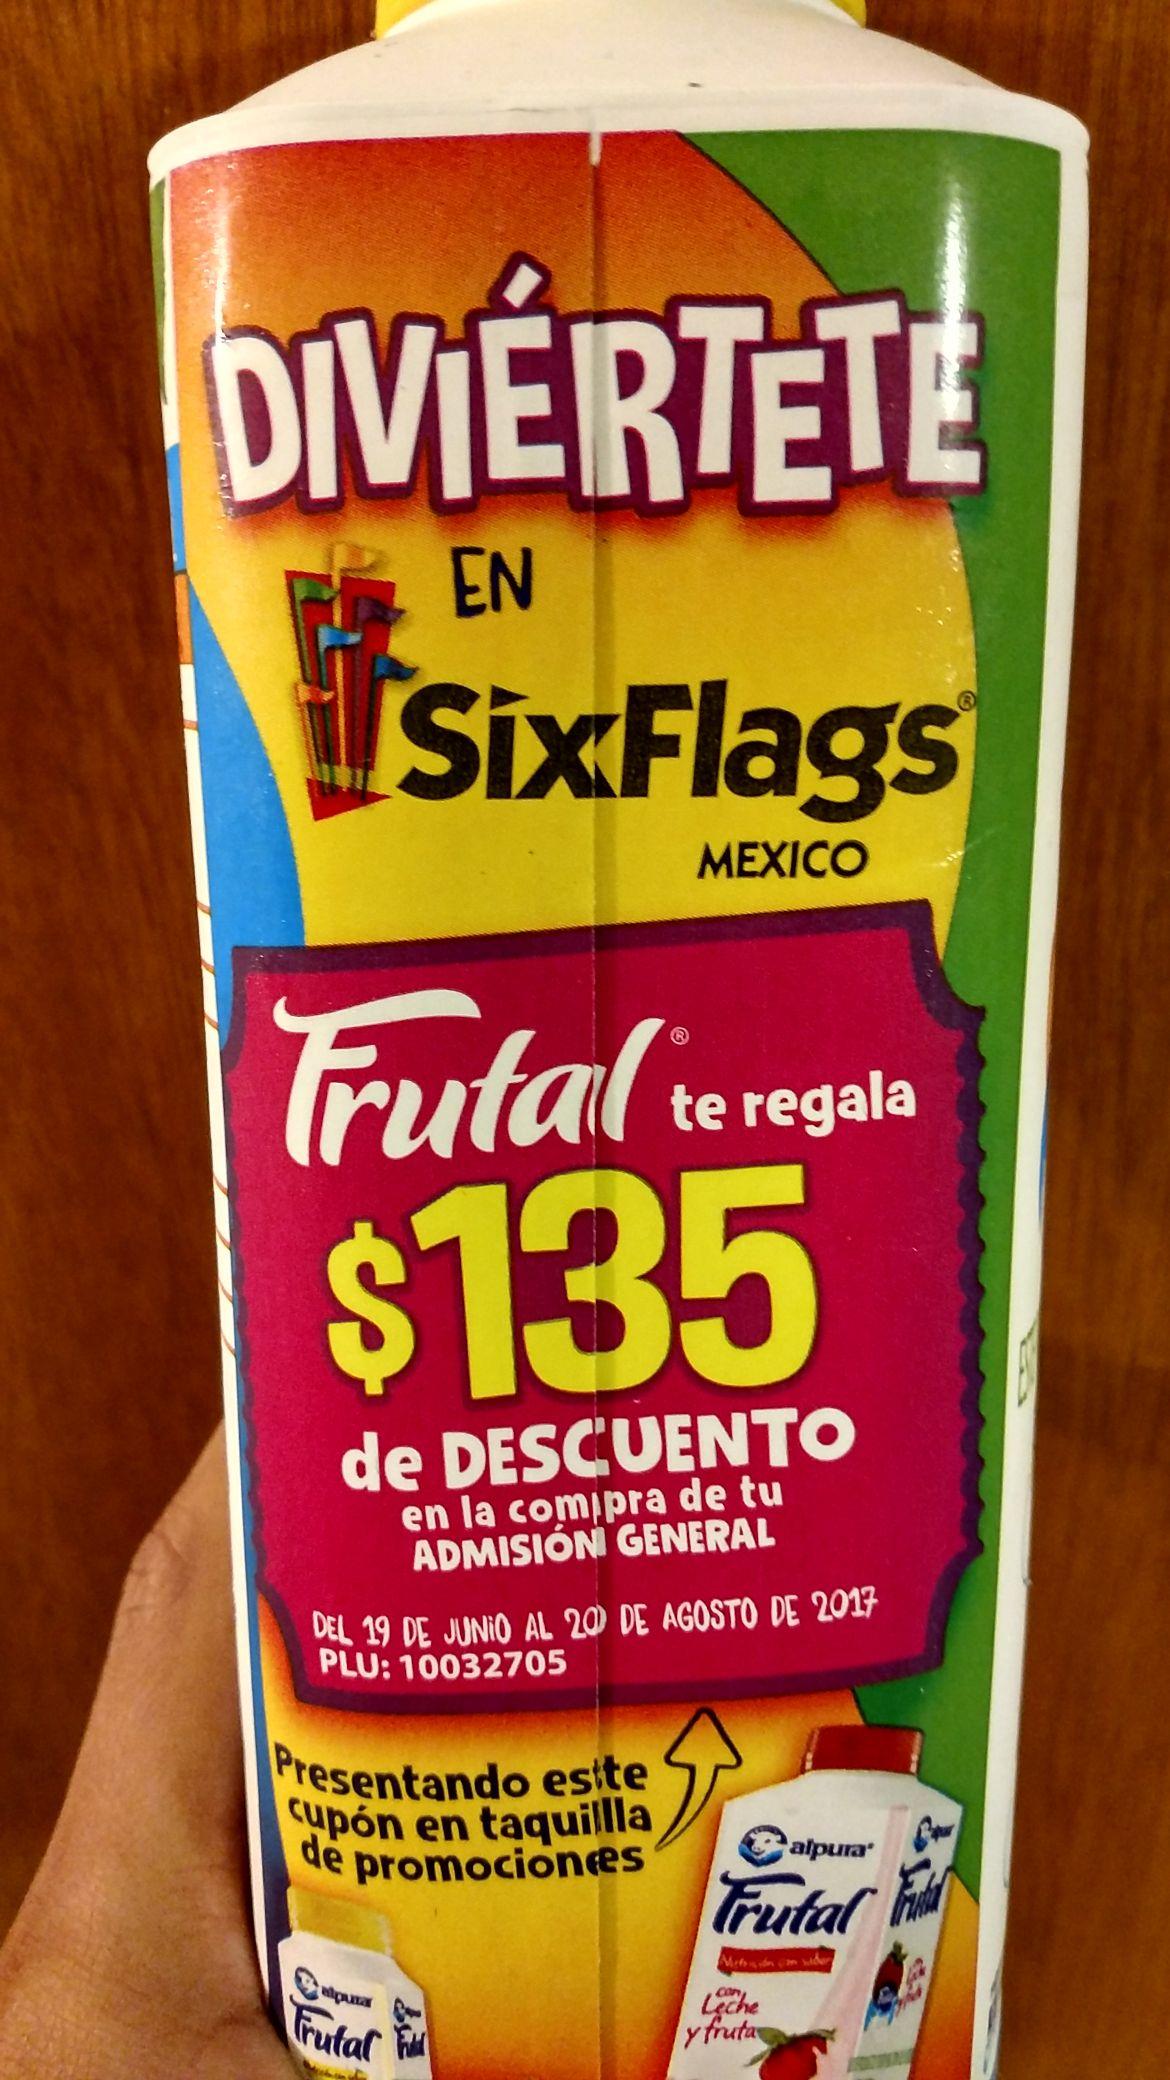 Six Flags: $135 pesos de descuento en entrada general comprando productos Alpura